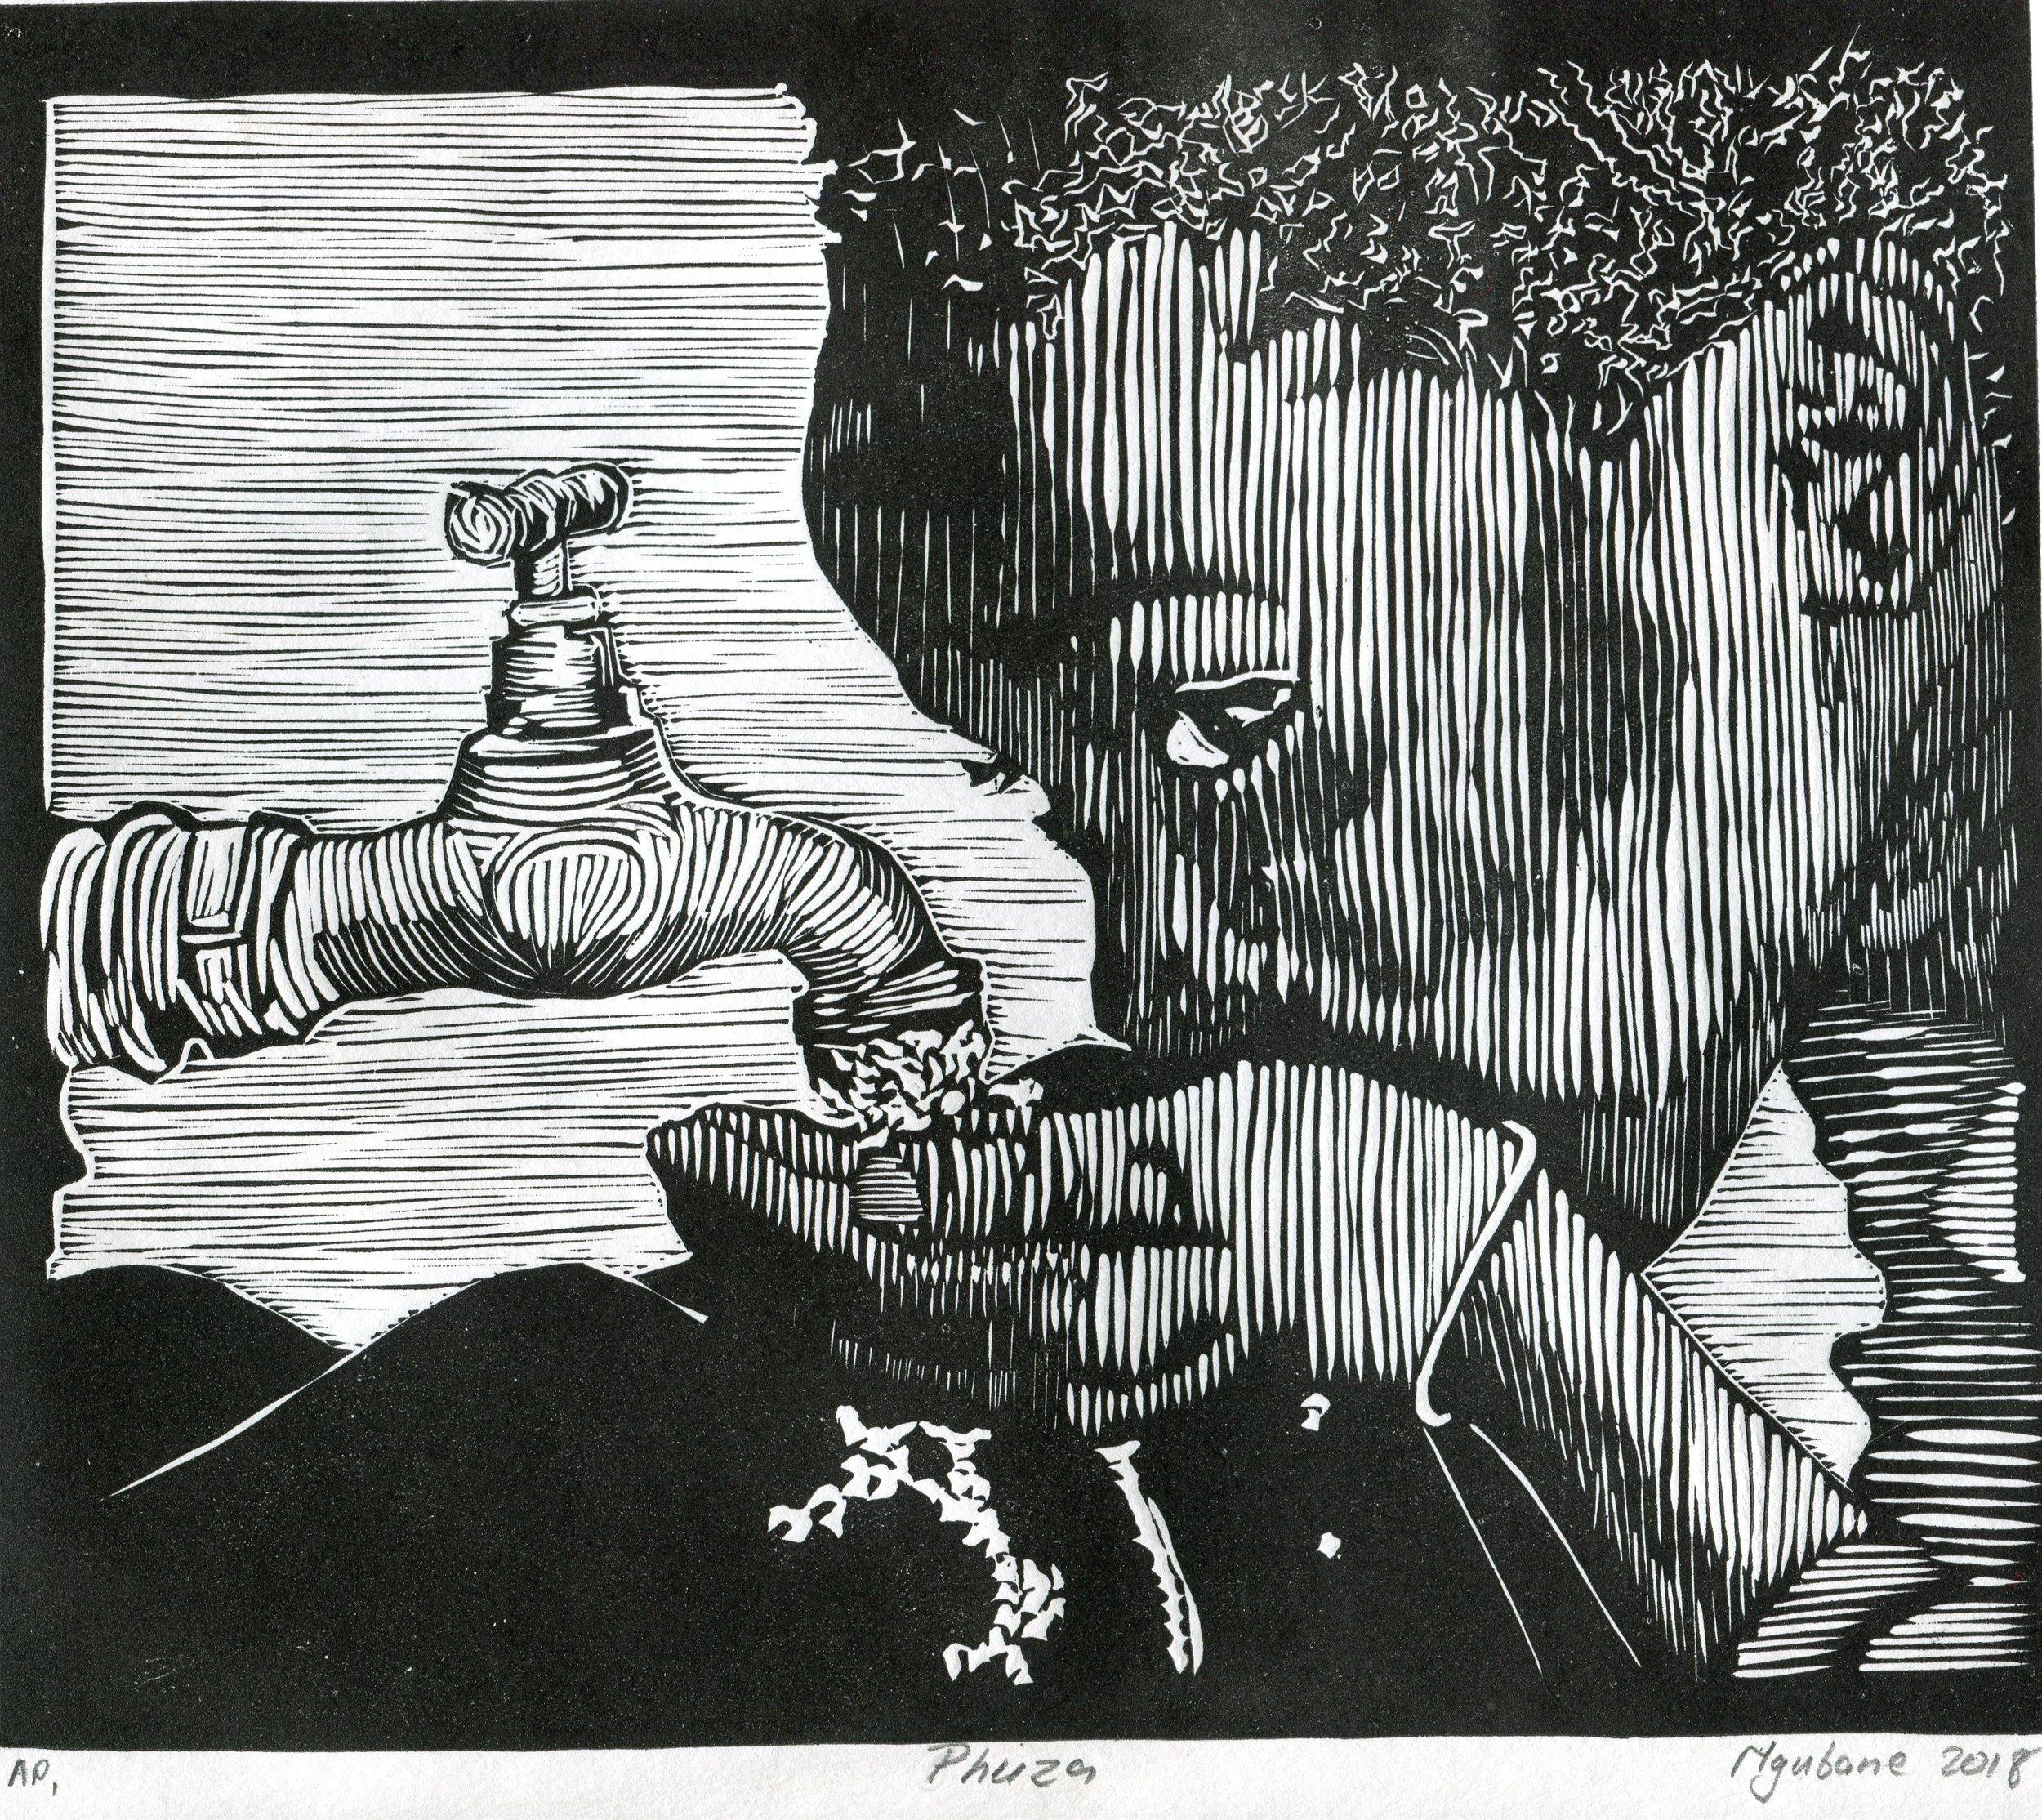 04b  Siyabonga Ngubane  Phuza  linocut print on paper